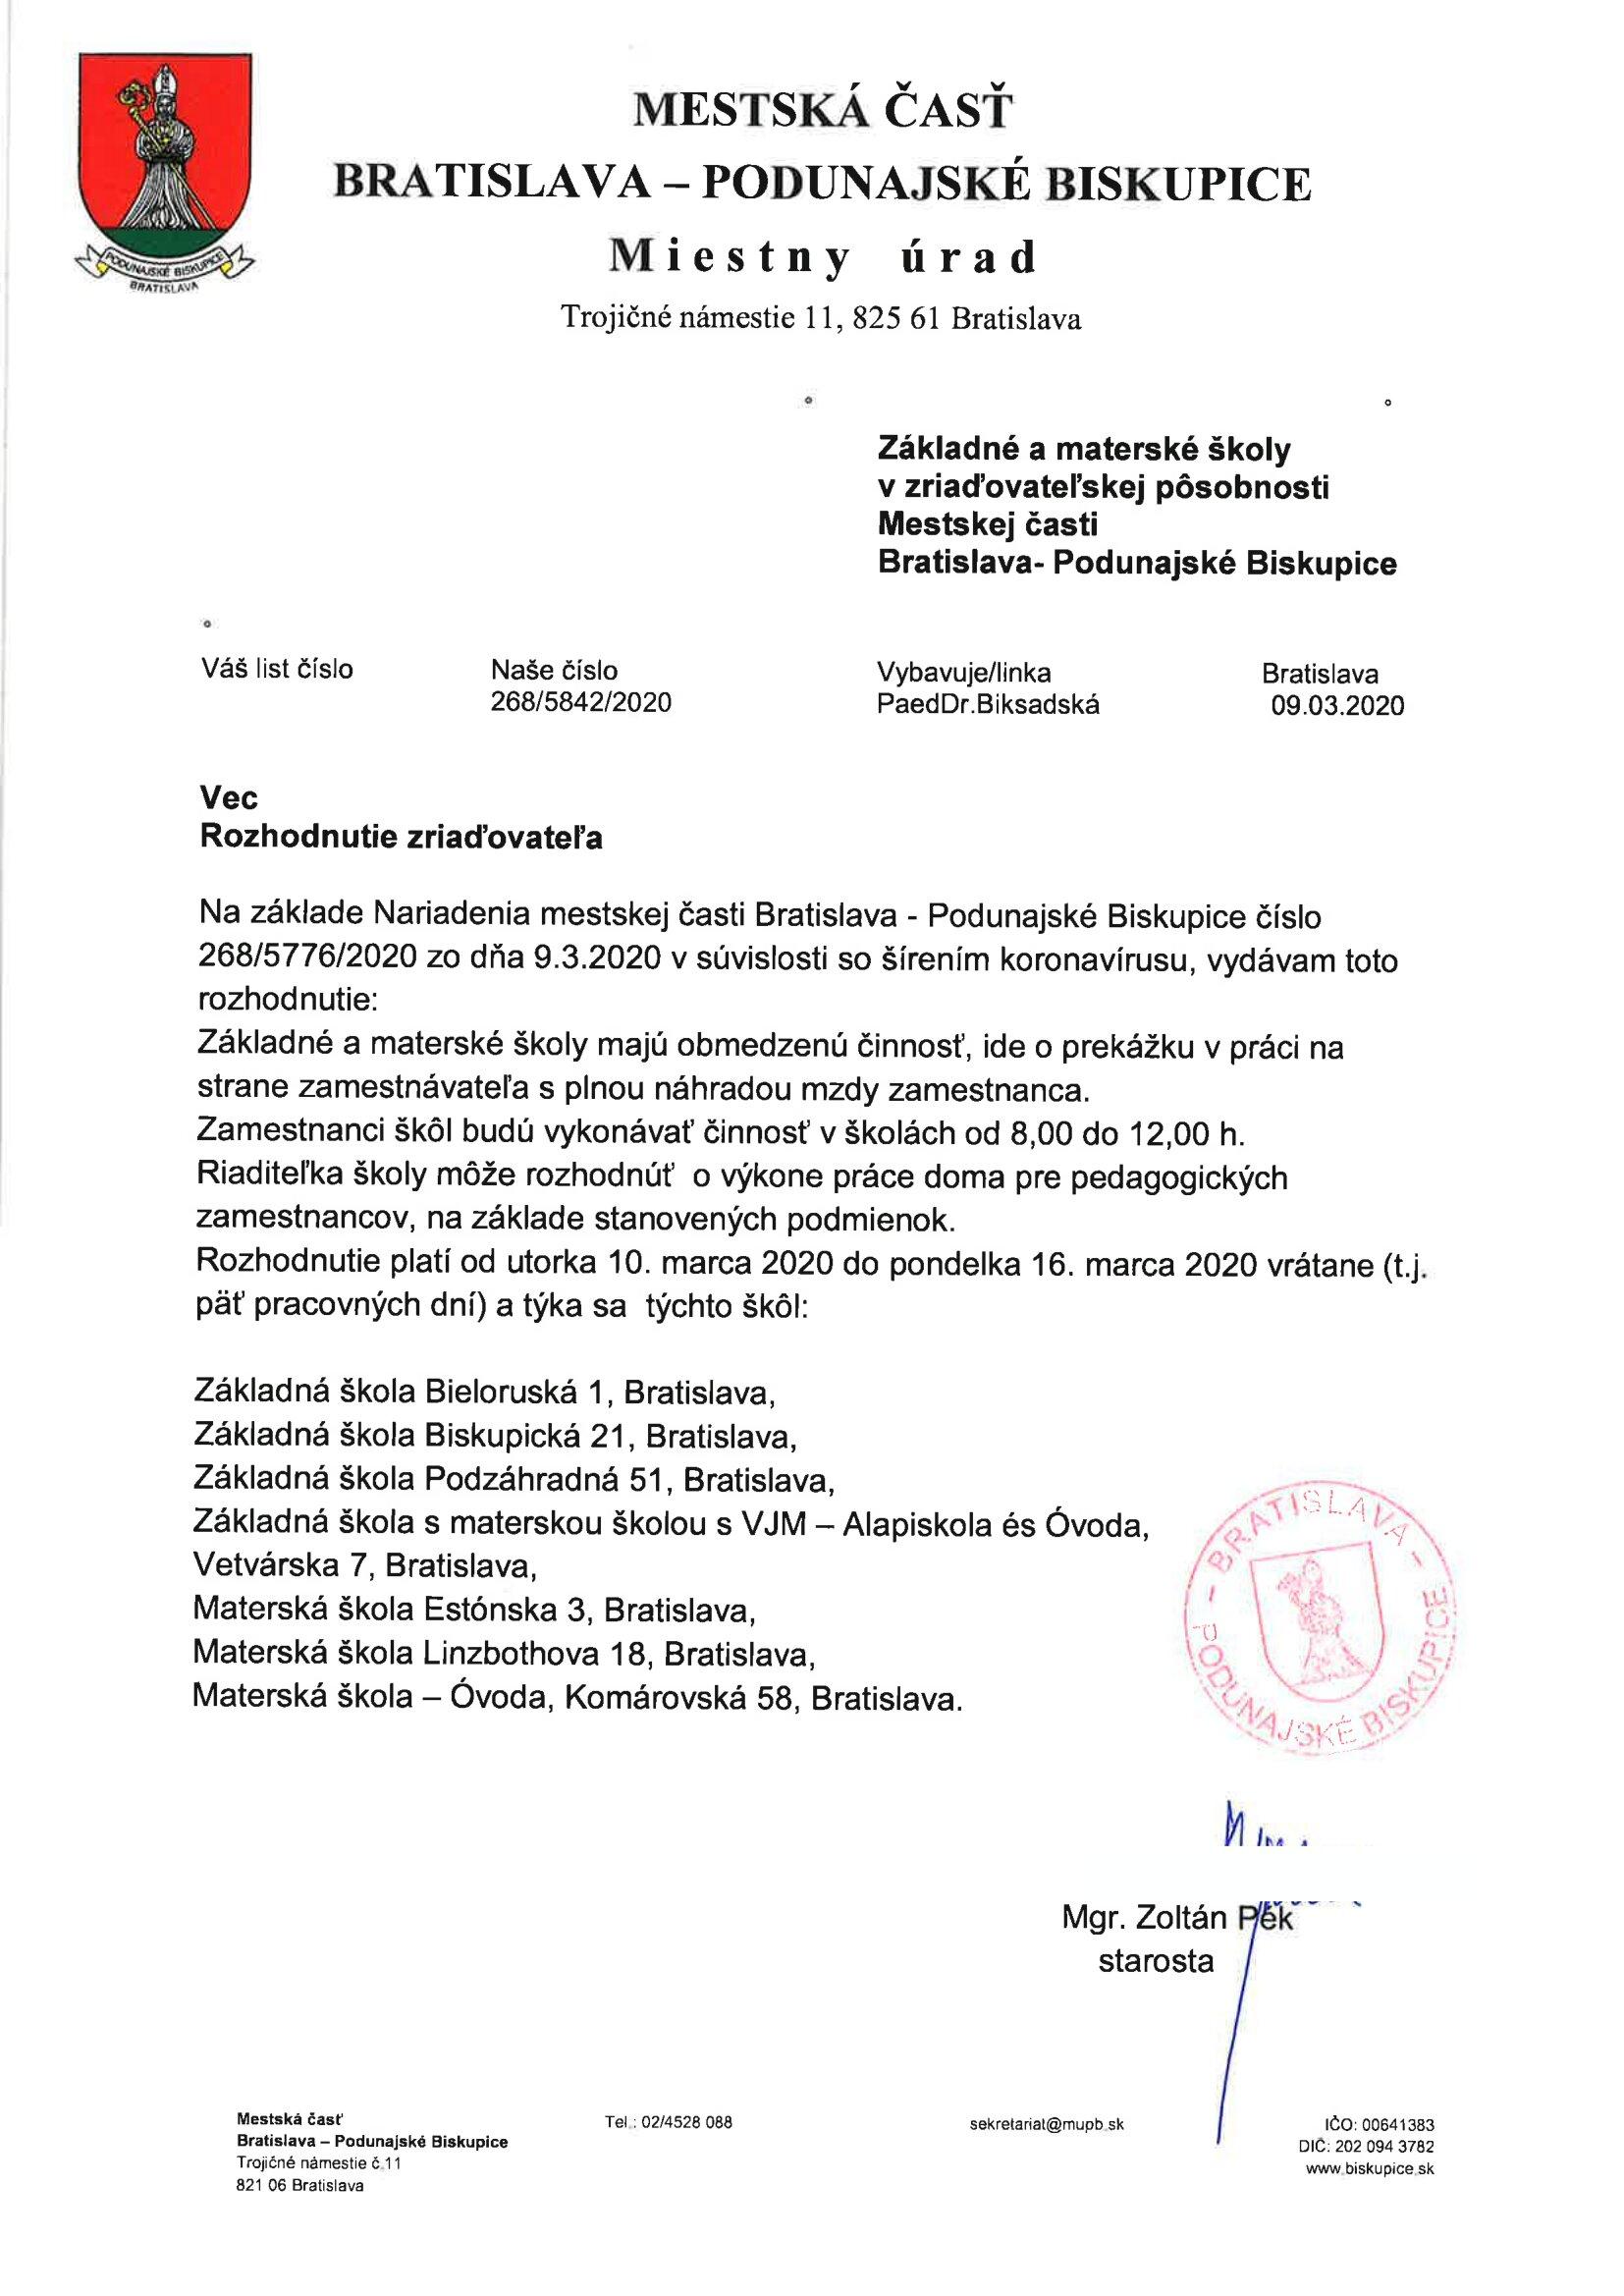 Rozhodnutie-zriaďovateľa-o-obmedzení-činnosti-na-pracoviskách-MČ-Podunajské-Biskupice_09032020